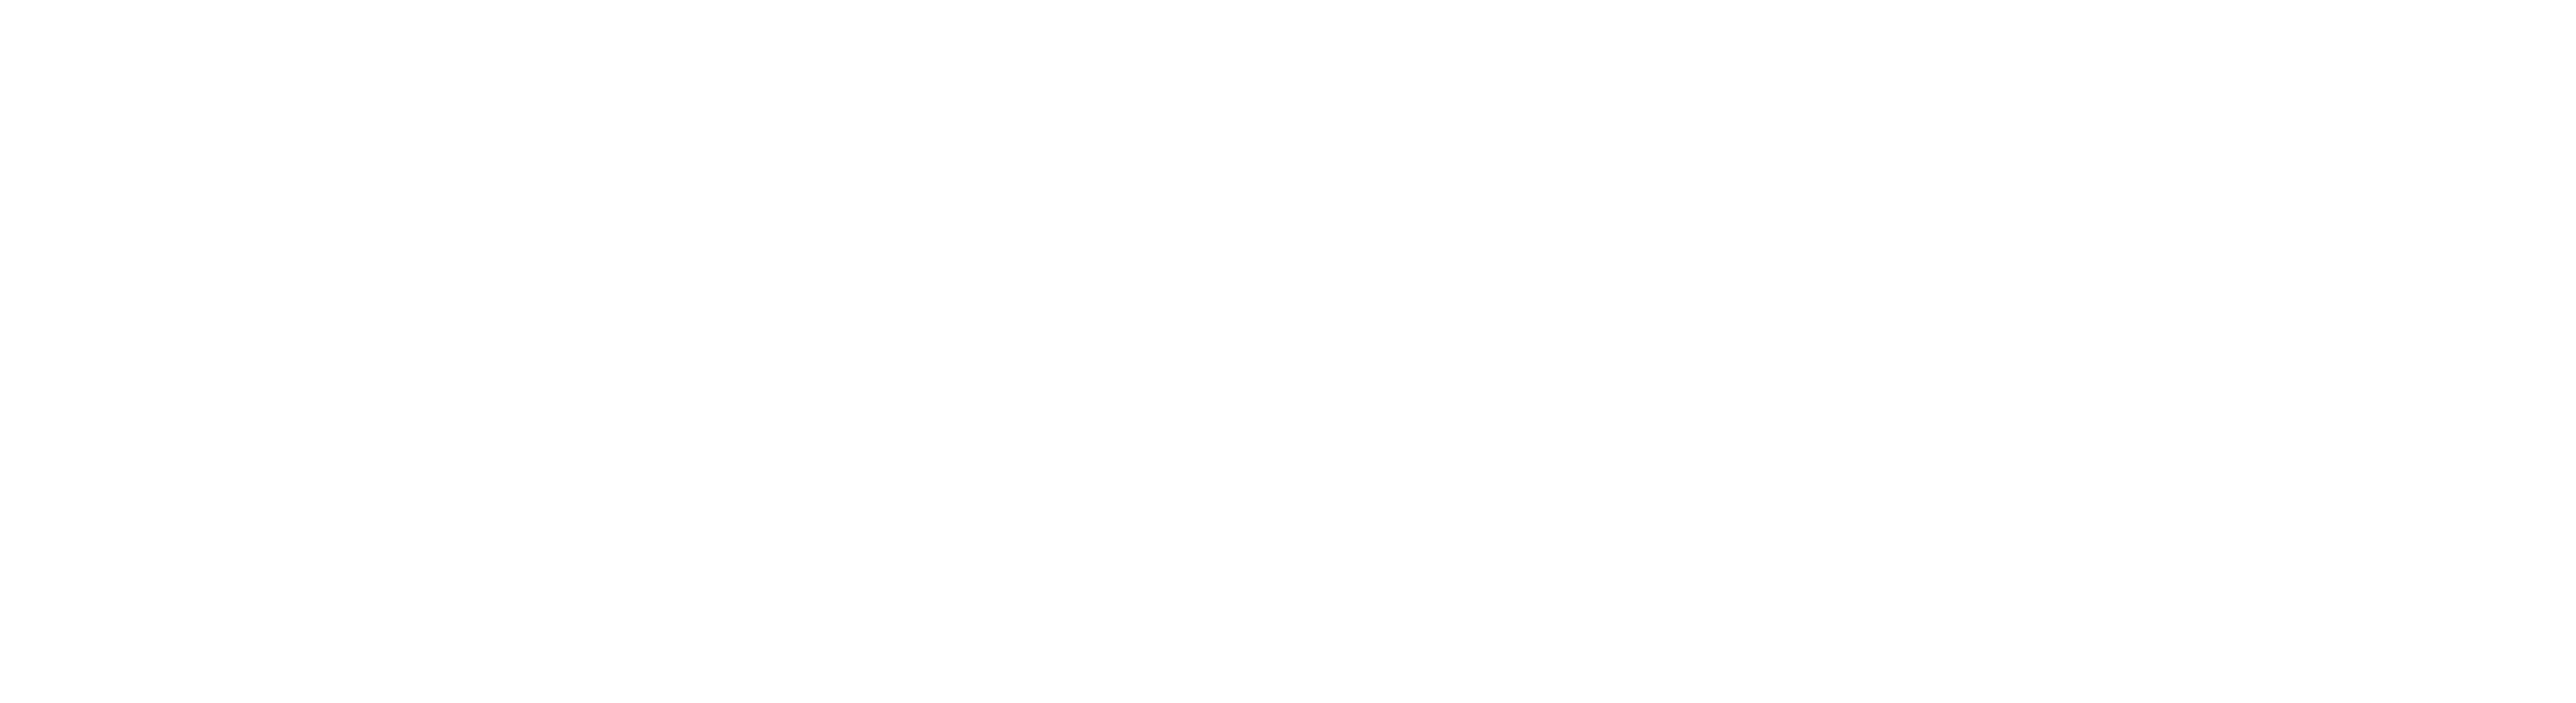 DIGIDUM